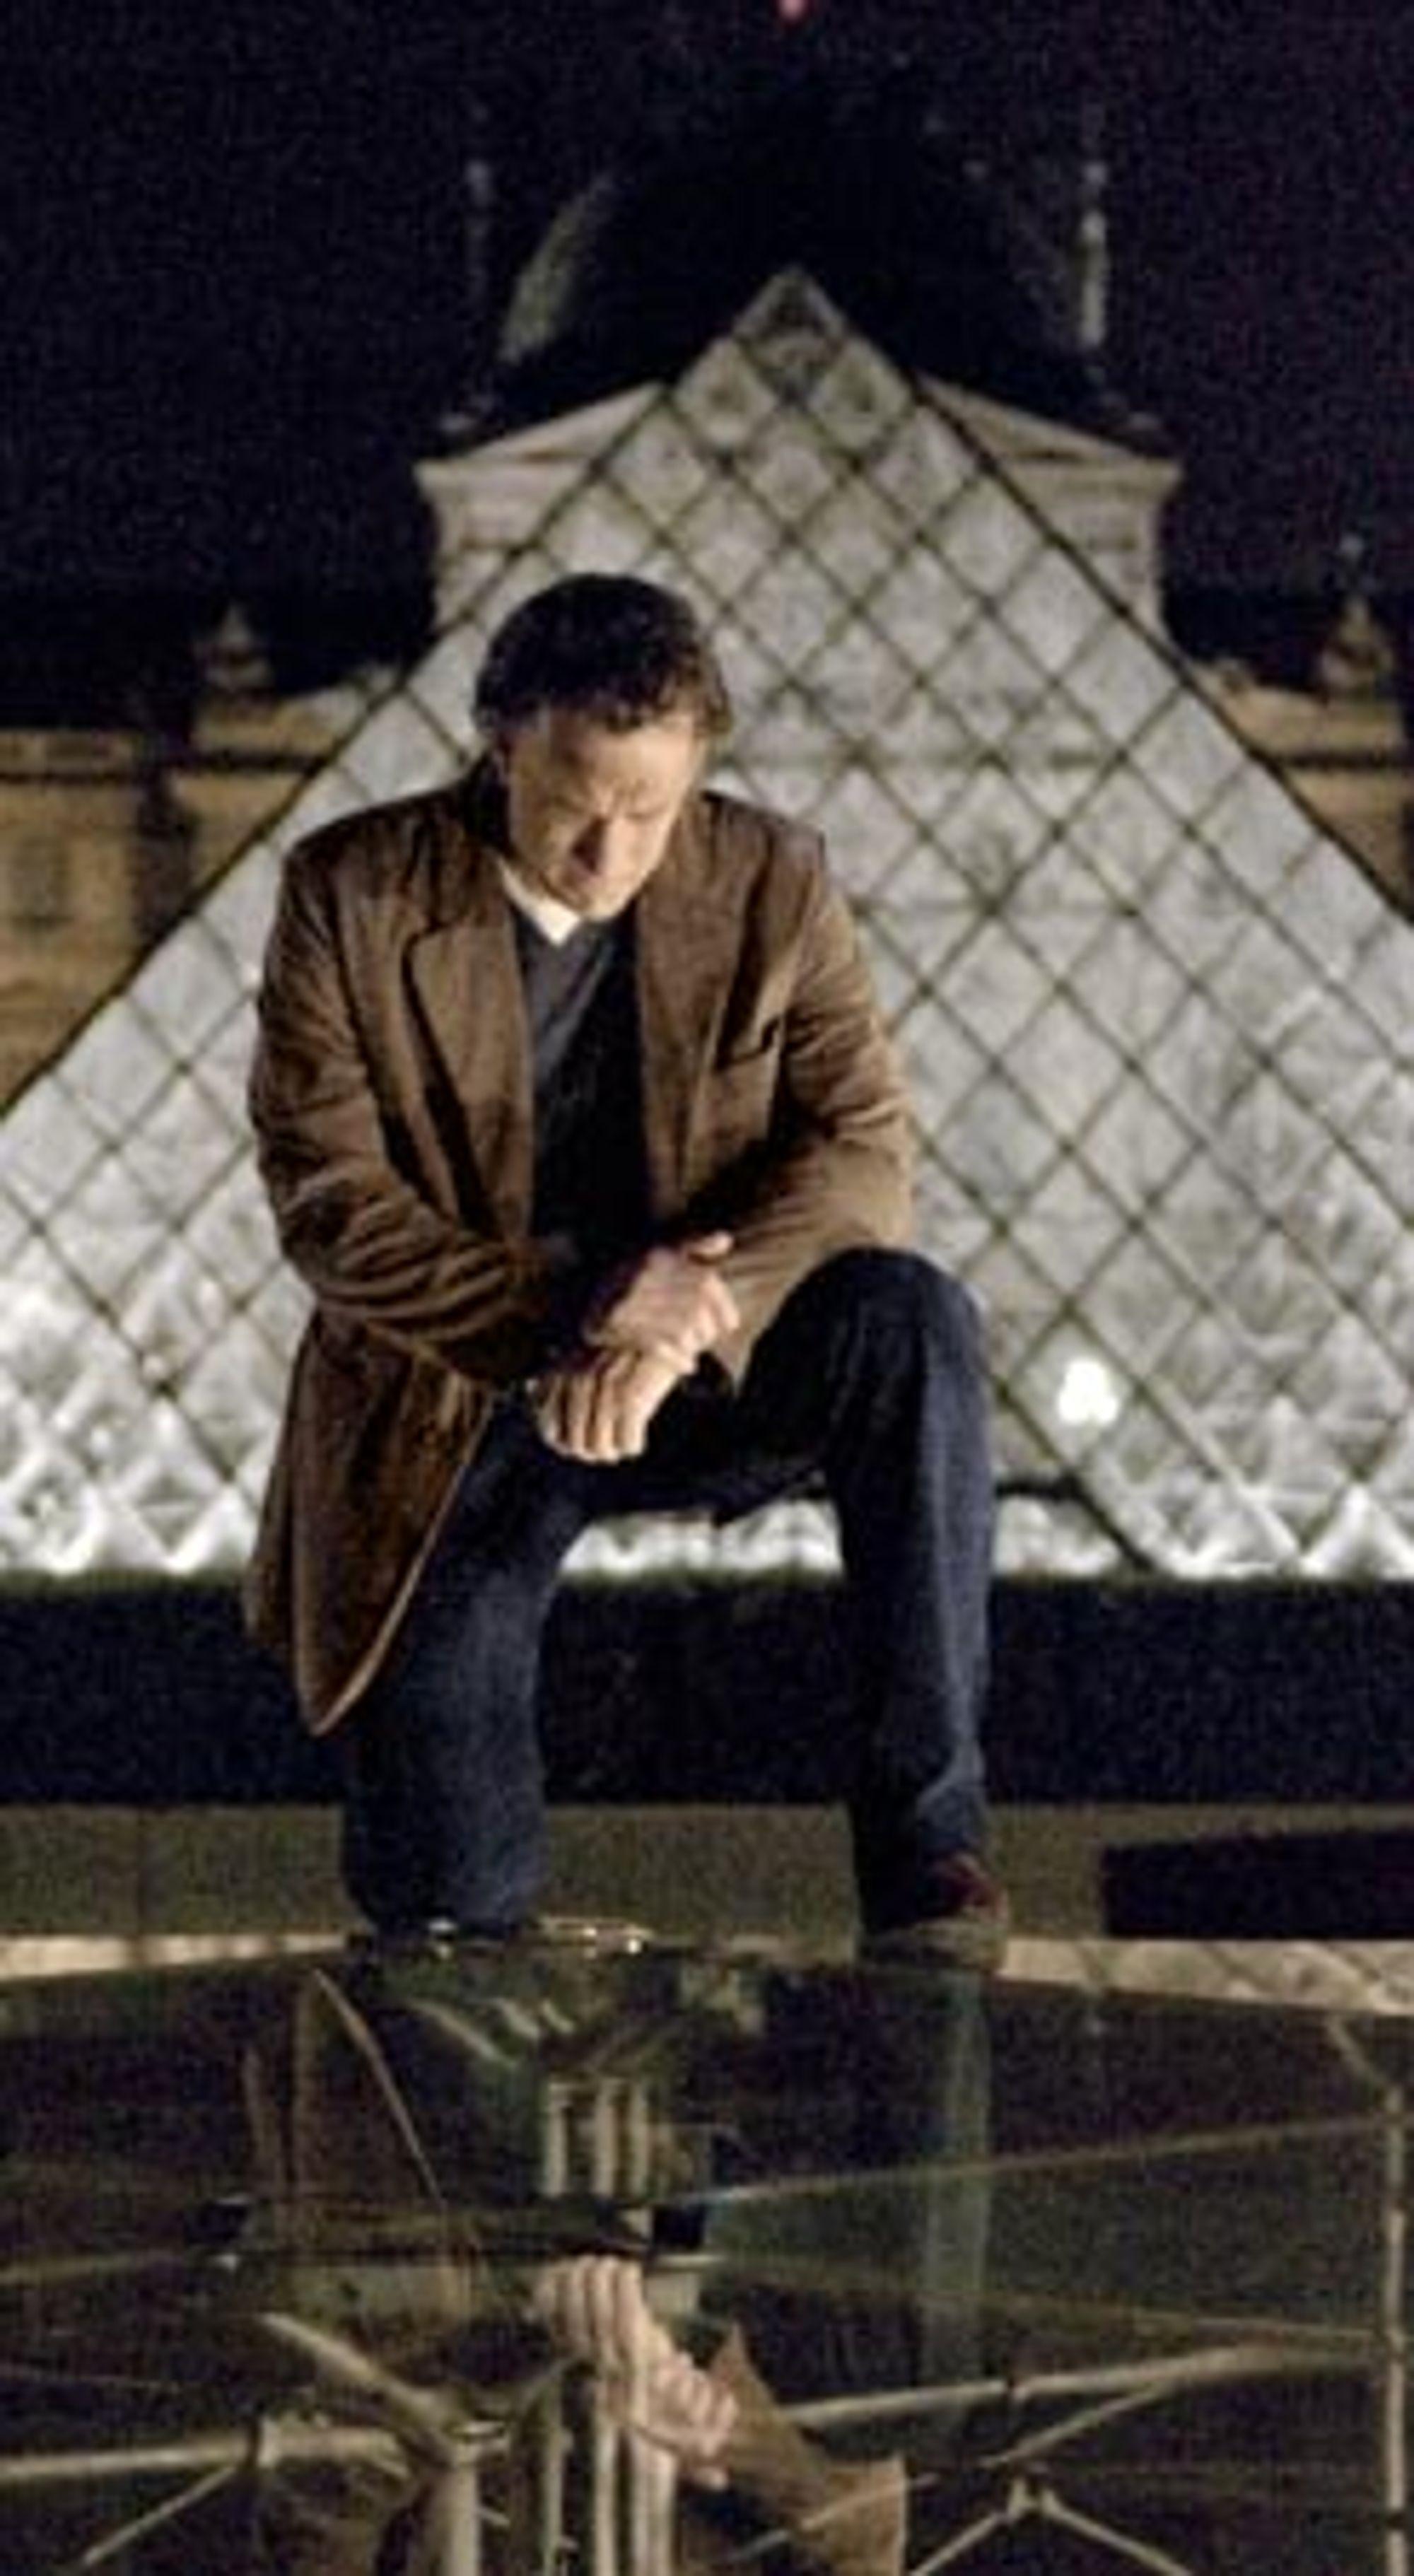 Tom Hanks skal igjen spille Robert Langdon og løse mysterier, nå er det bare spørsmålet <i>når</i>.